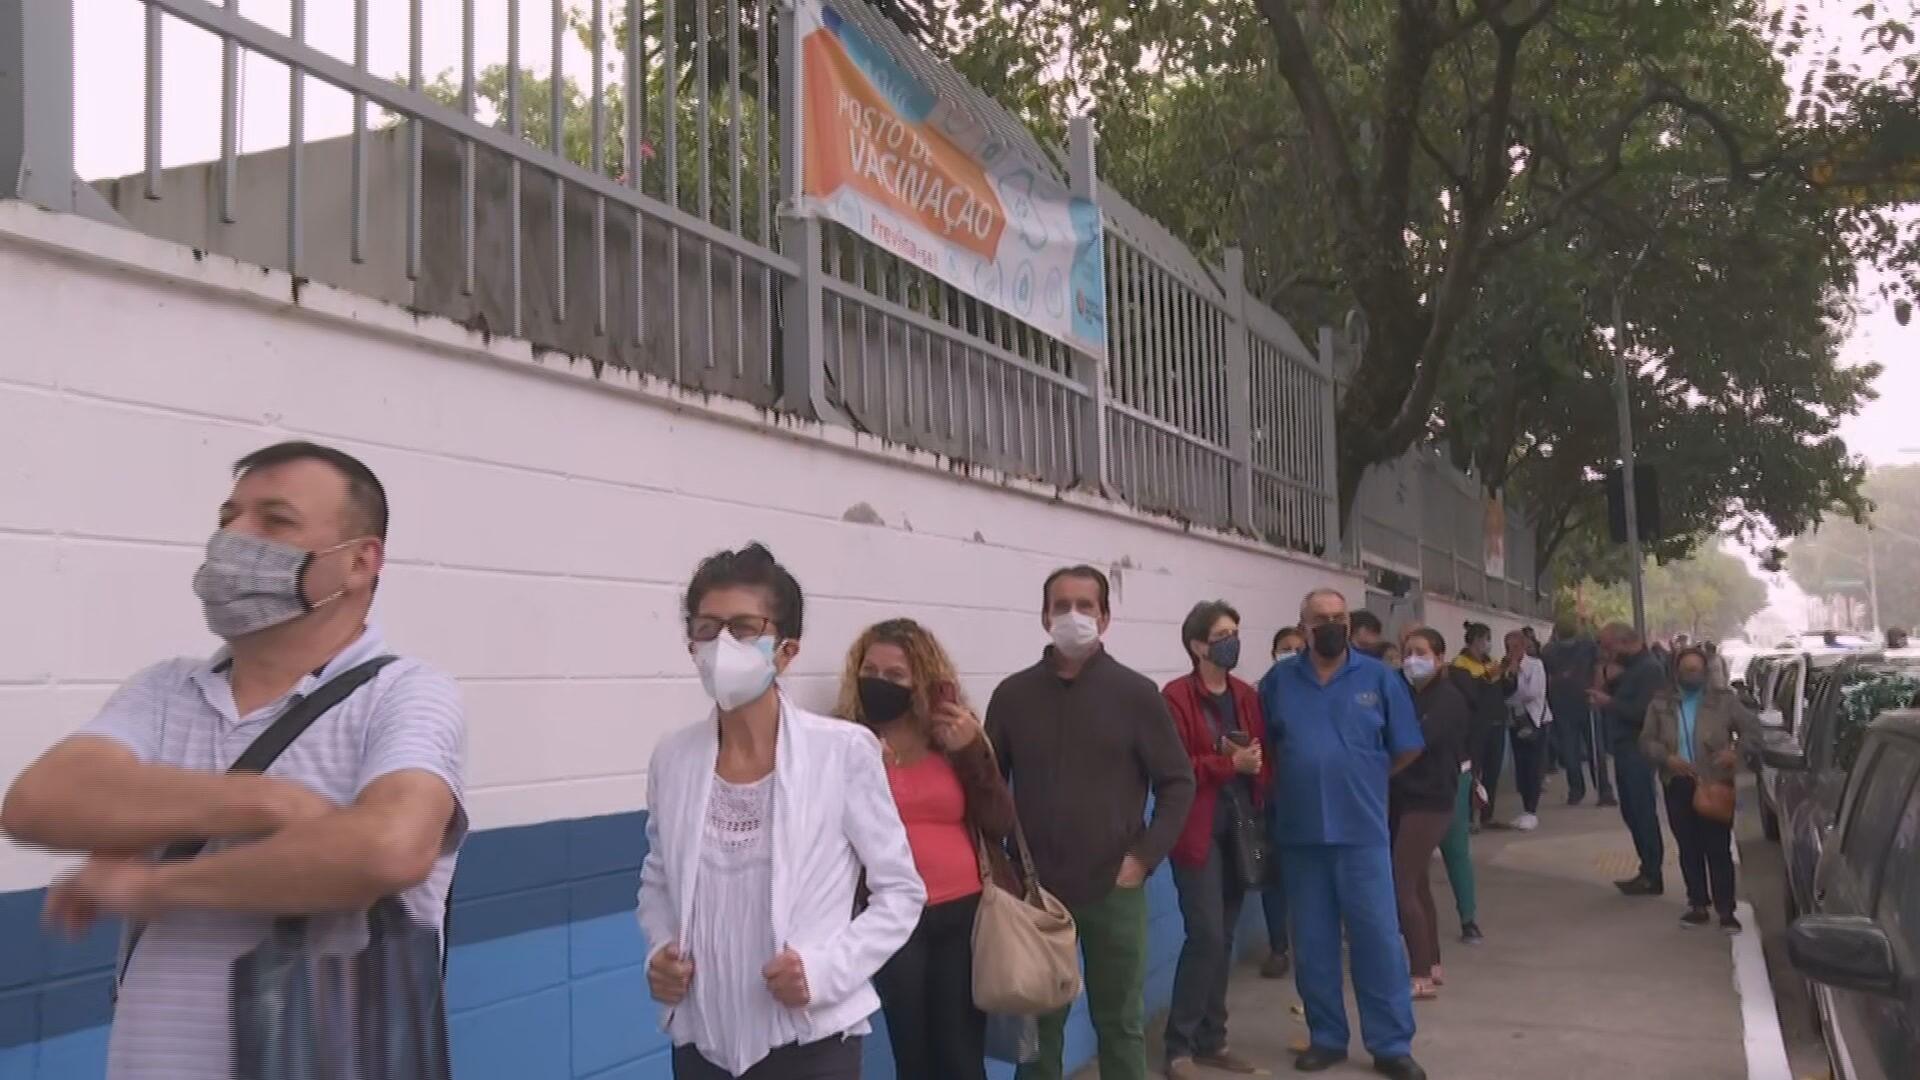 Postos de saúde da cidade de SP registram longas filas para vacinação contra Covid de idosos a partir de 60 anos